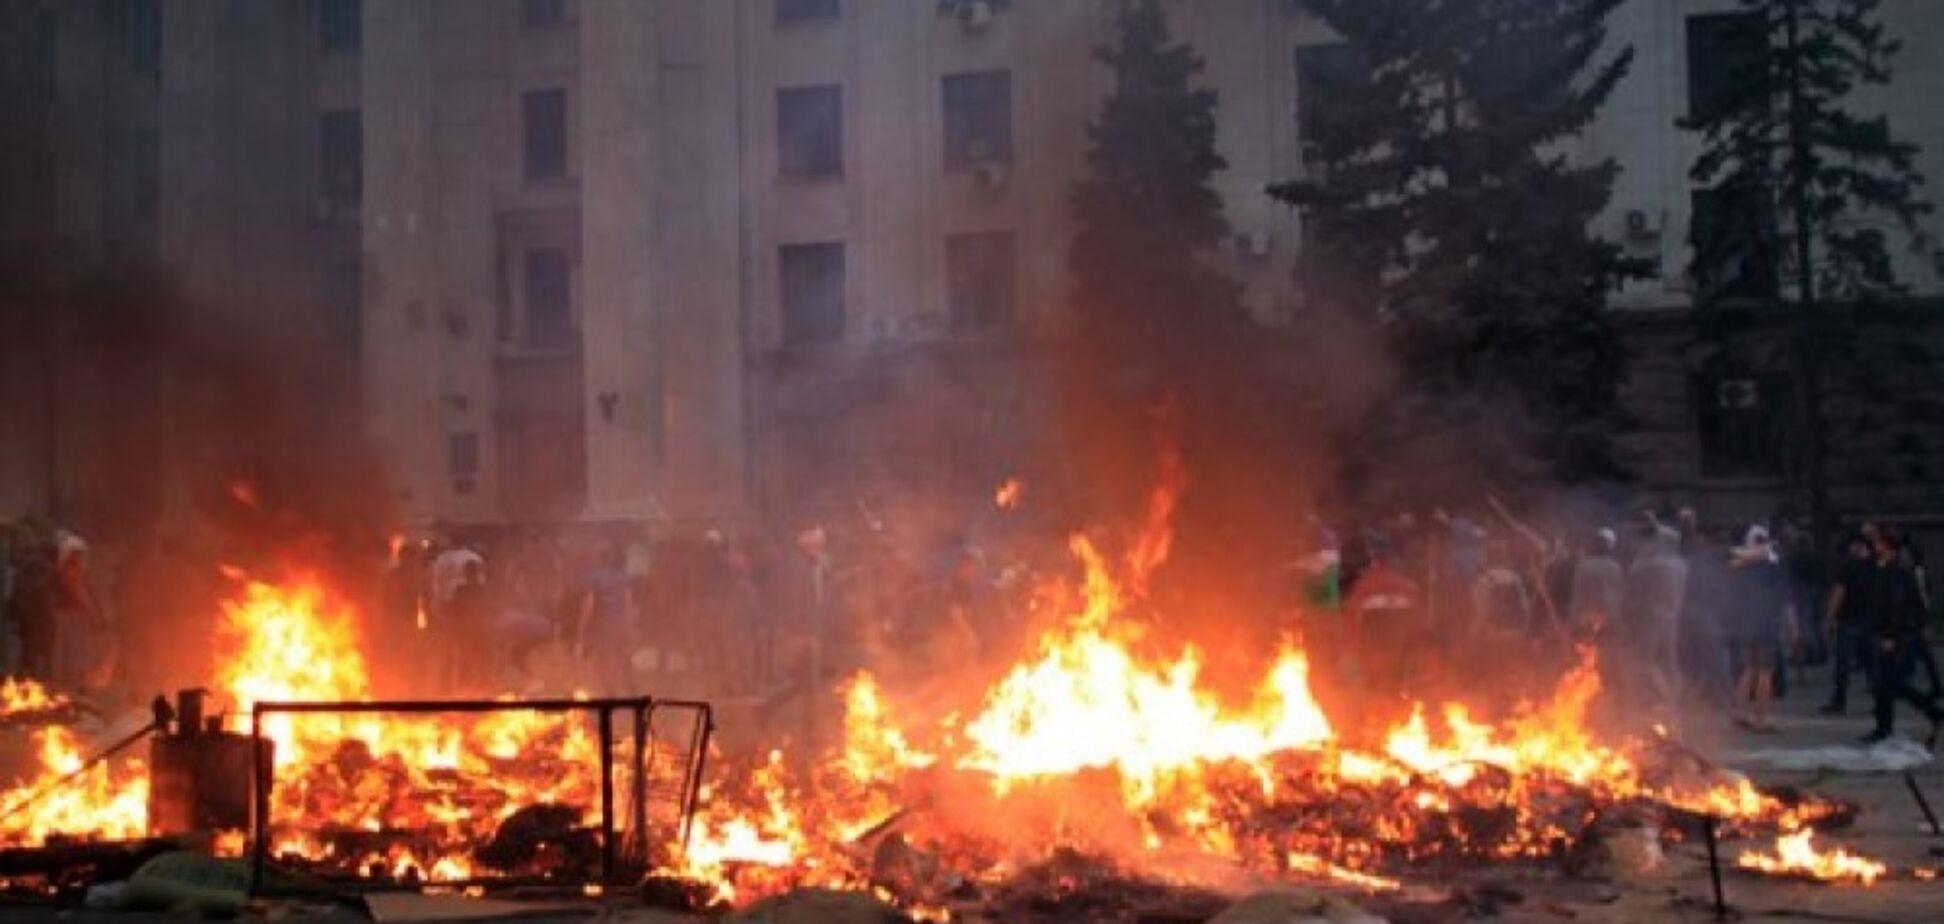 'Авторитети' відстояли: боєць АТО шокував зізнанням про сепаратизм в Одесі